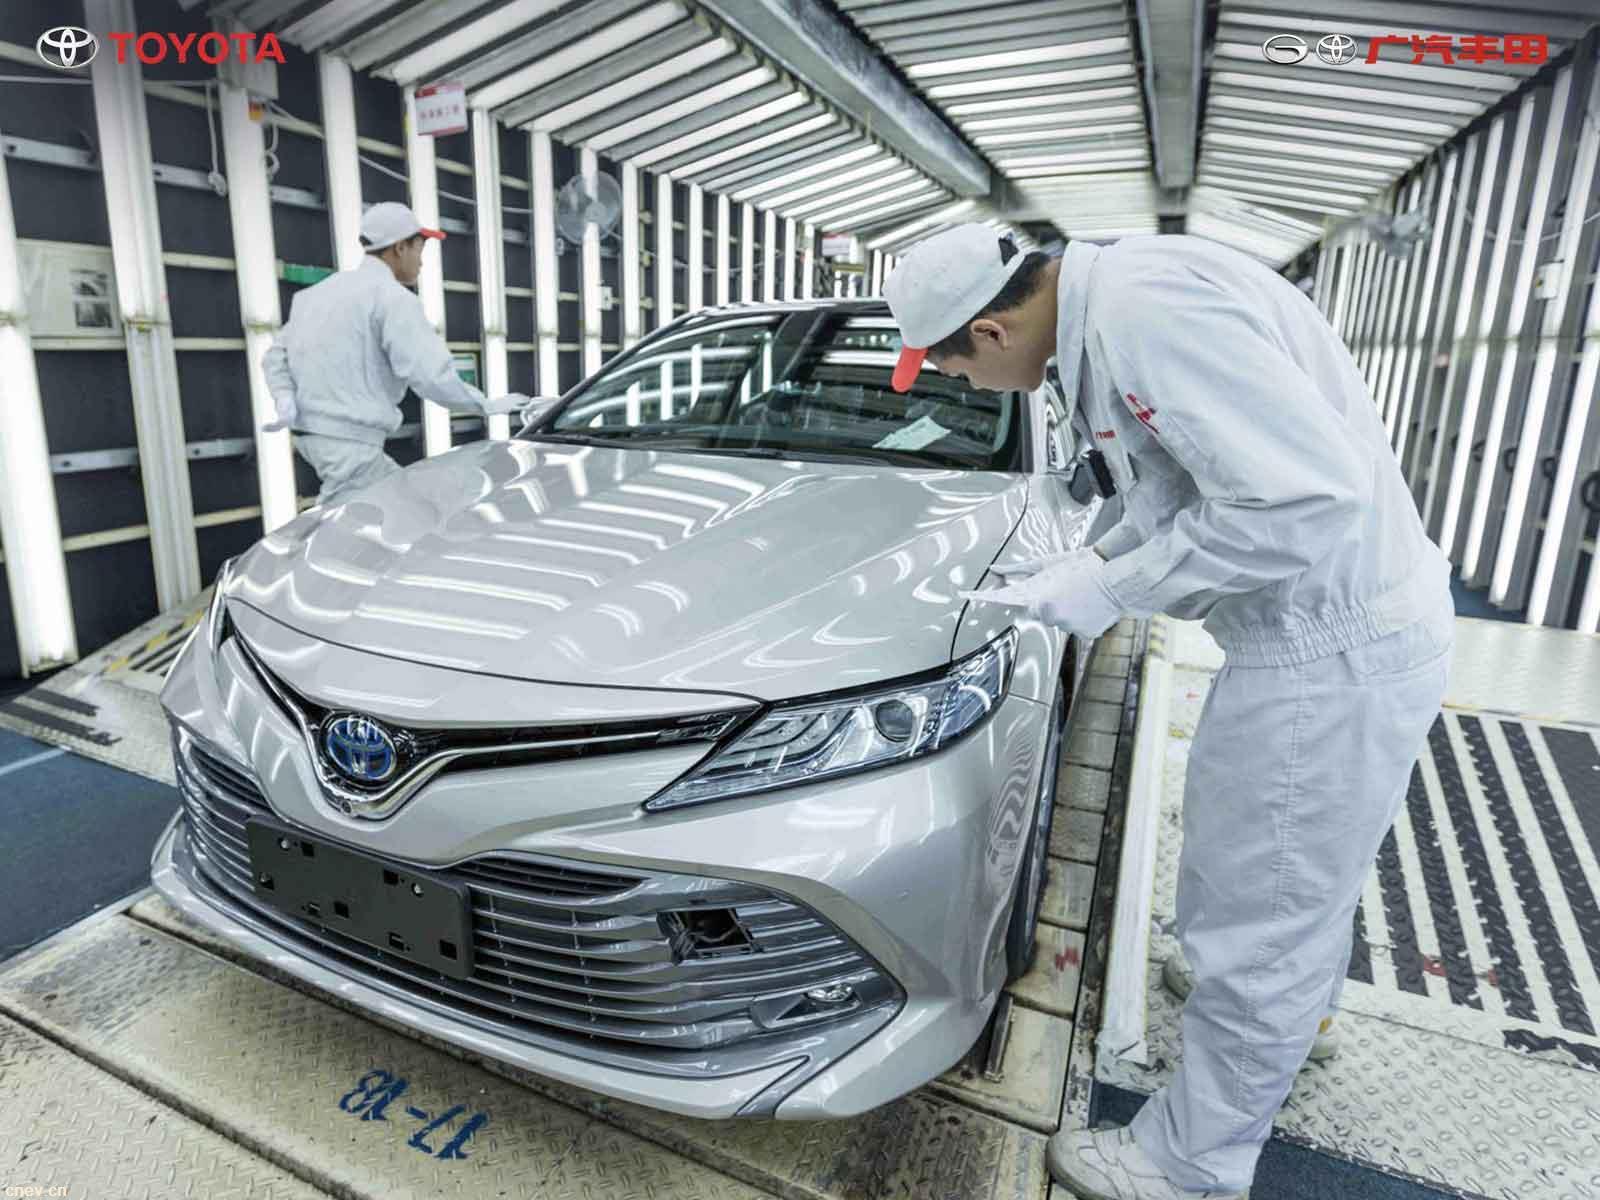 8EV早报:广汽丰田:扩建新能源/投建发动机项目;奥迪首款国产电动SUV 30万起售,最快6月上市